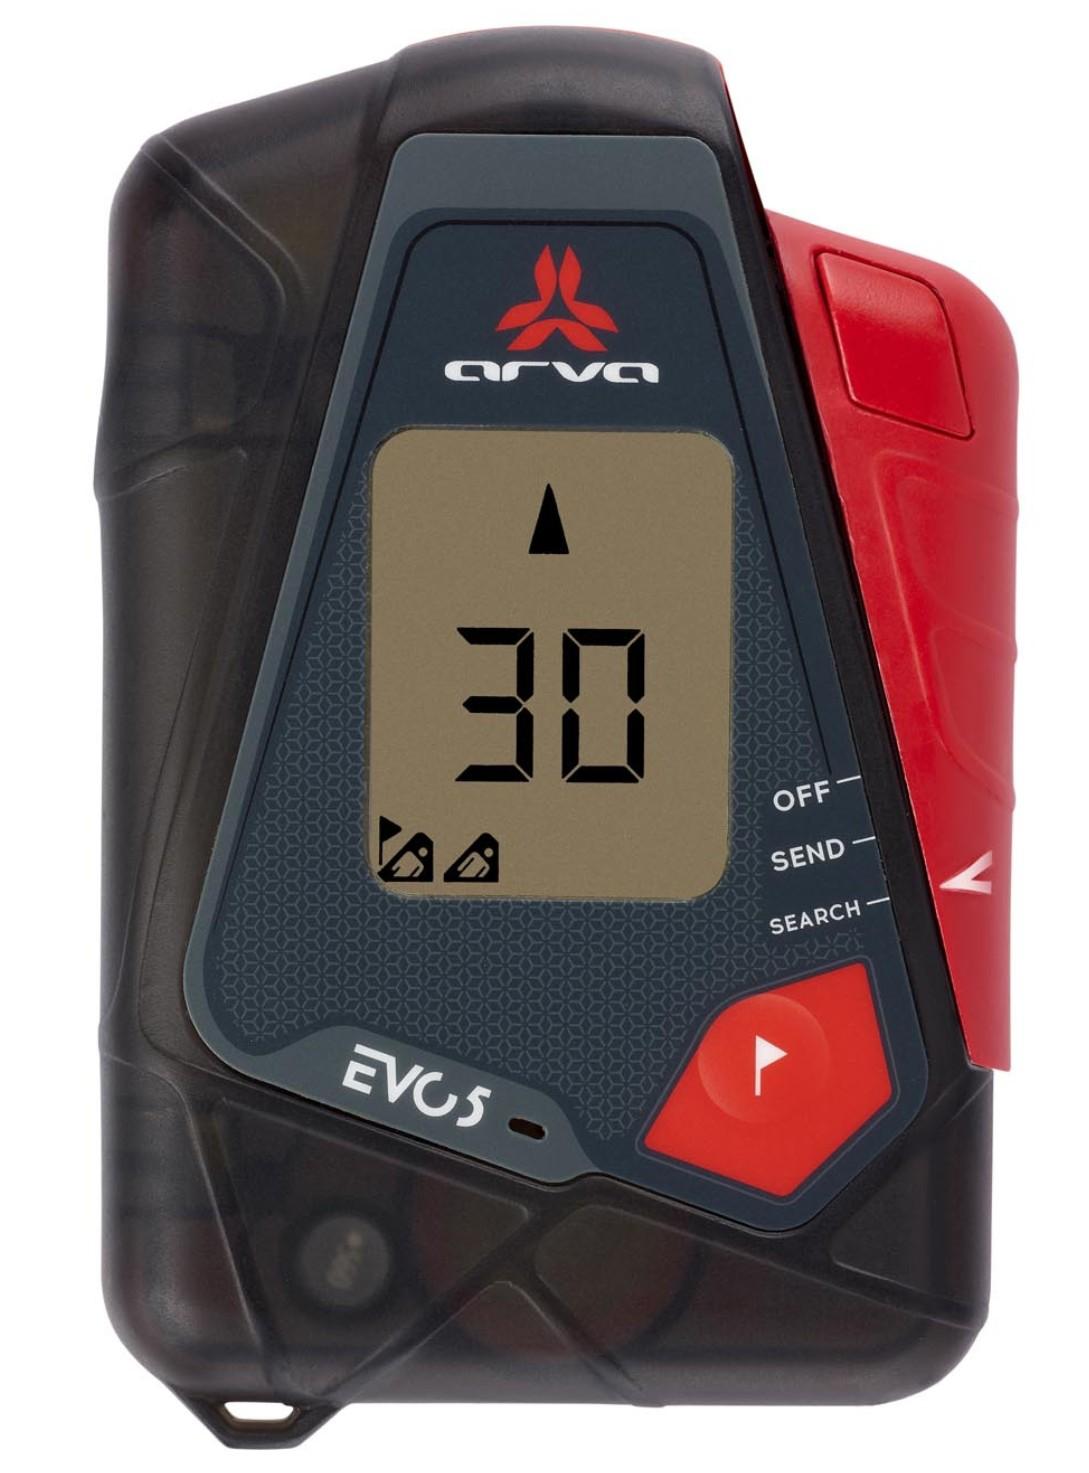 ARVA Equipment Evo 5